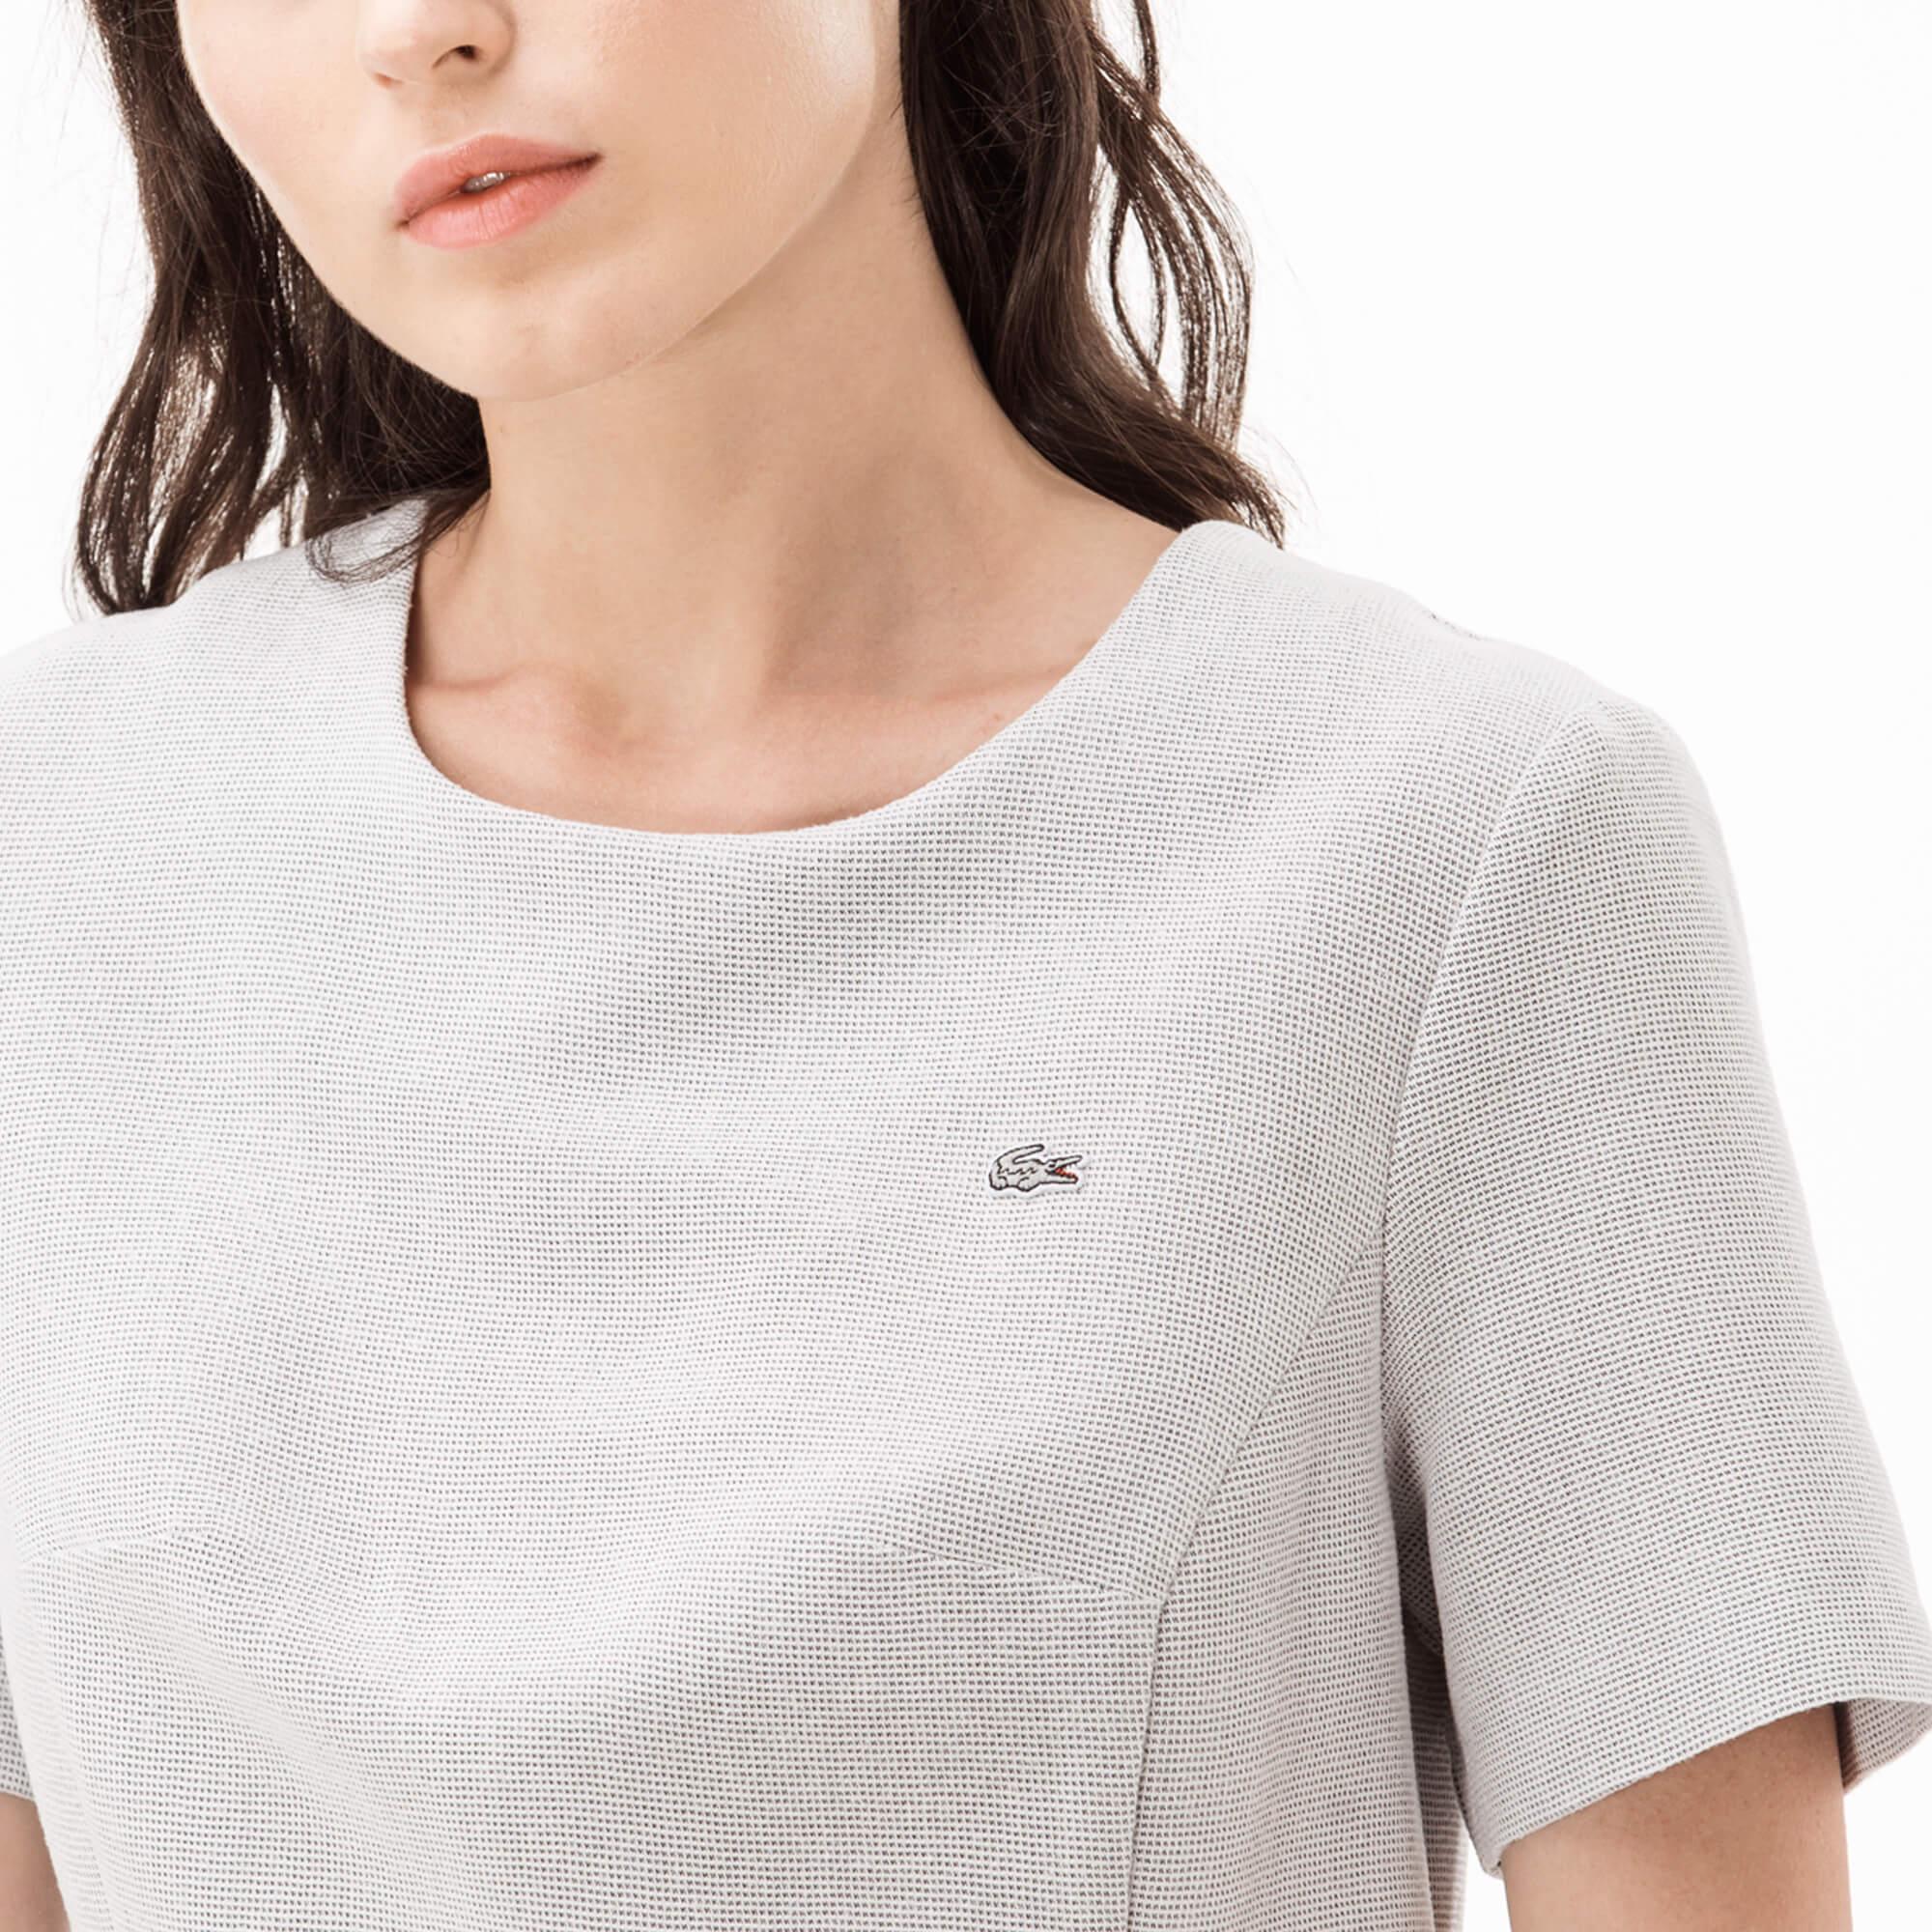 Lacoste Women's Slim Fit Dress